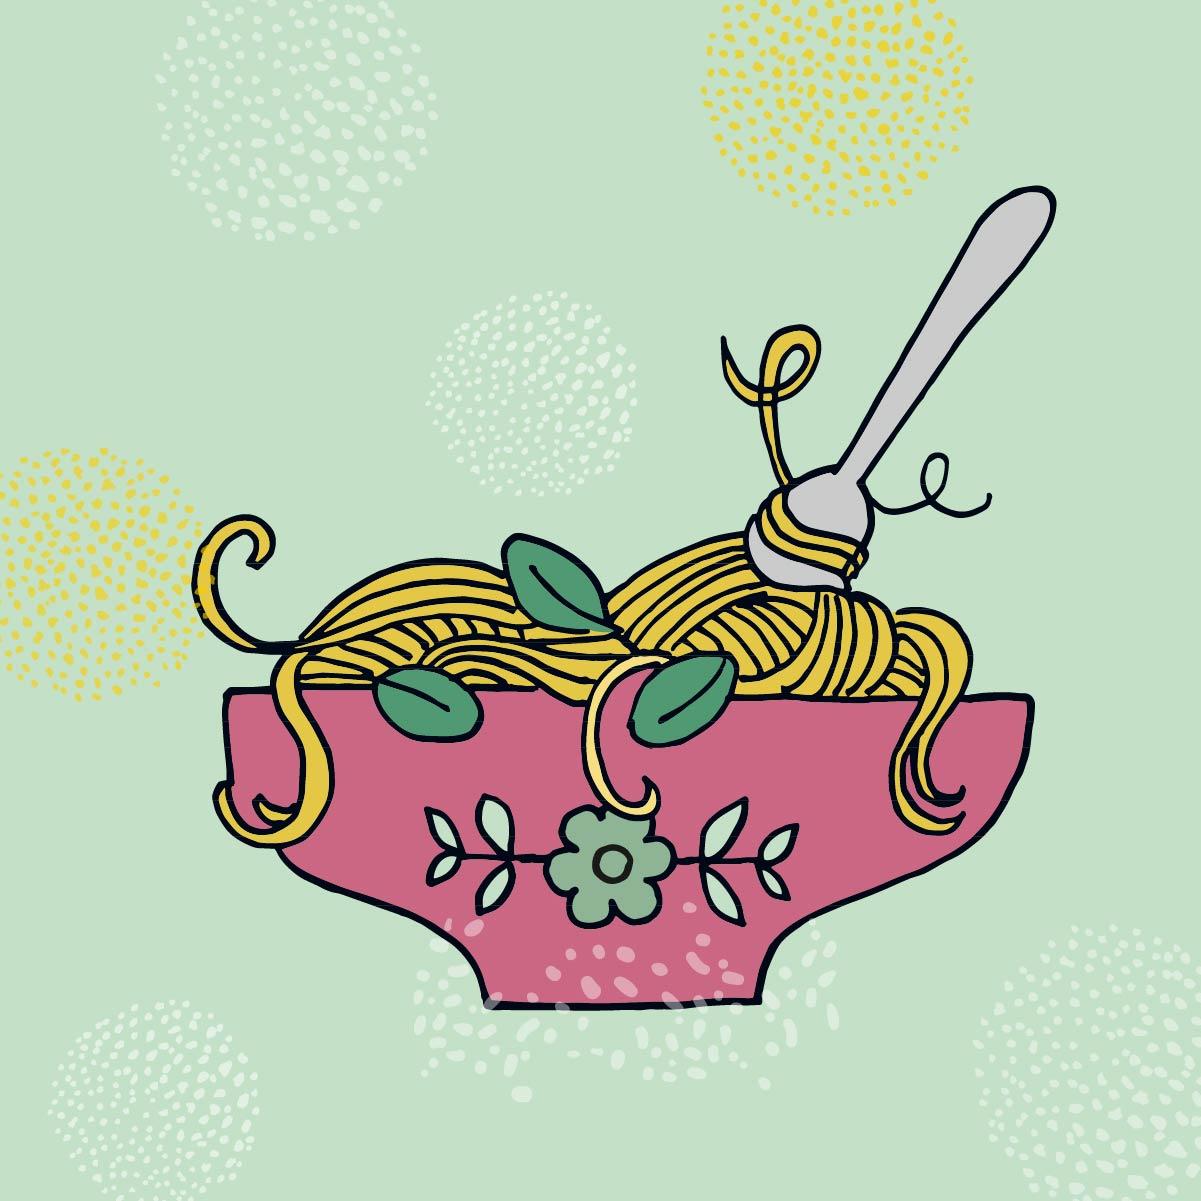 Illustrationen Spaghetti Kochbuch für Kinder Stadt Wiesbaden Comicstil